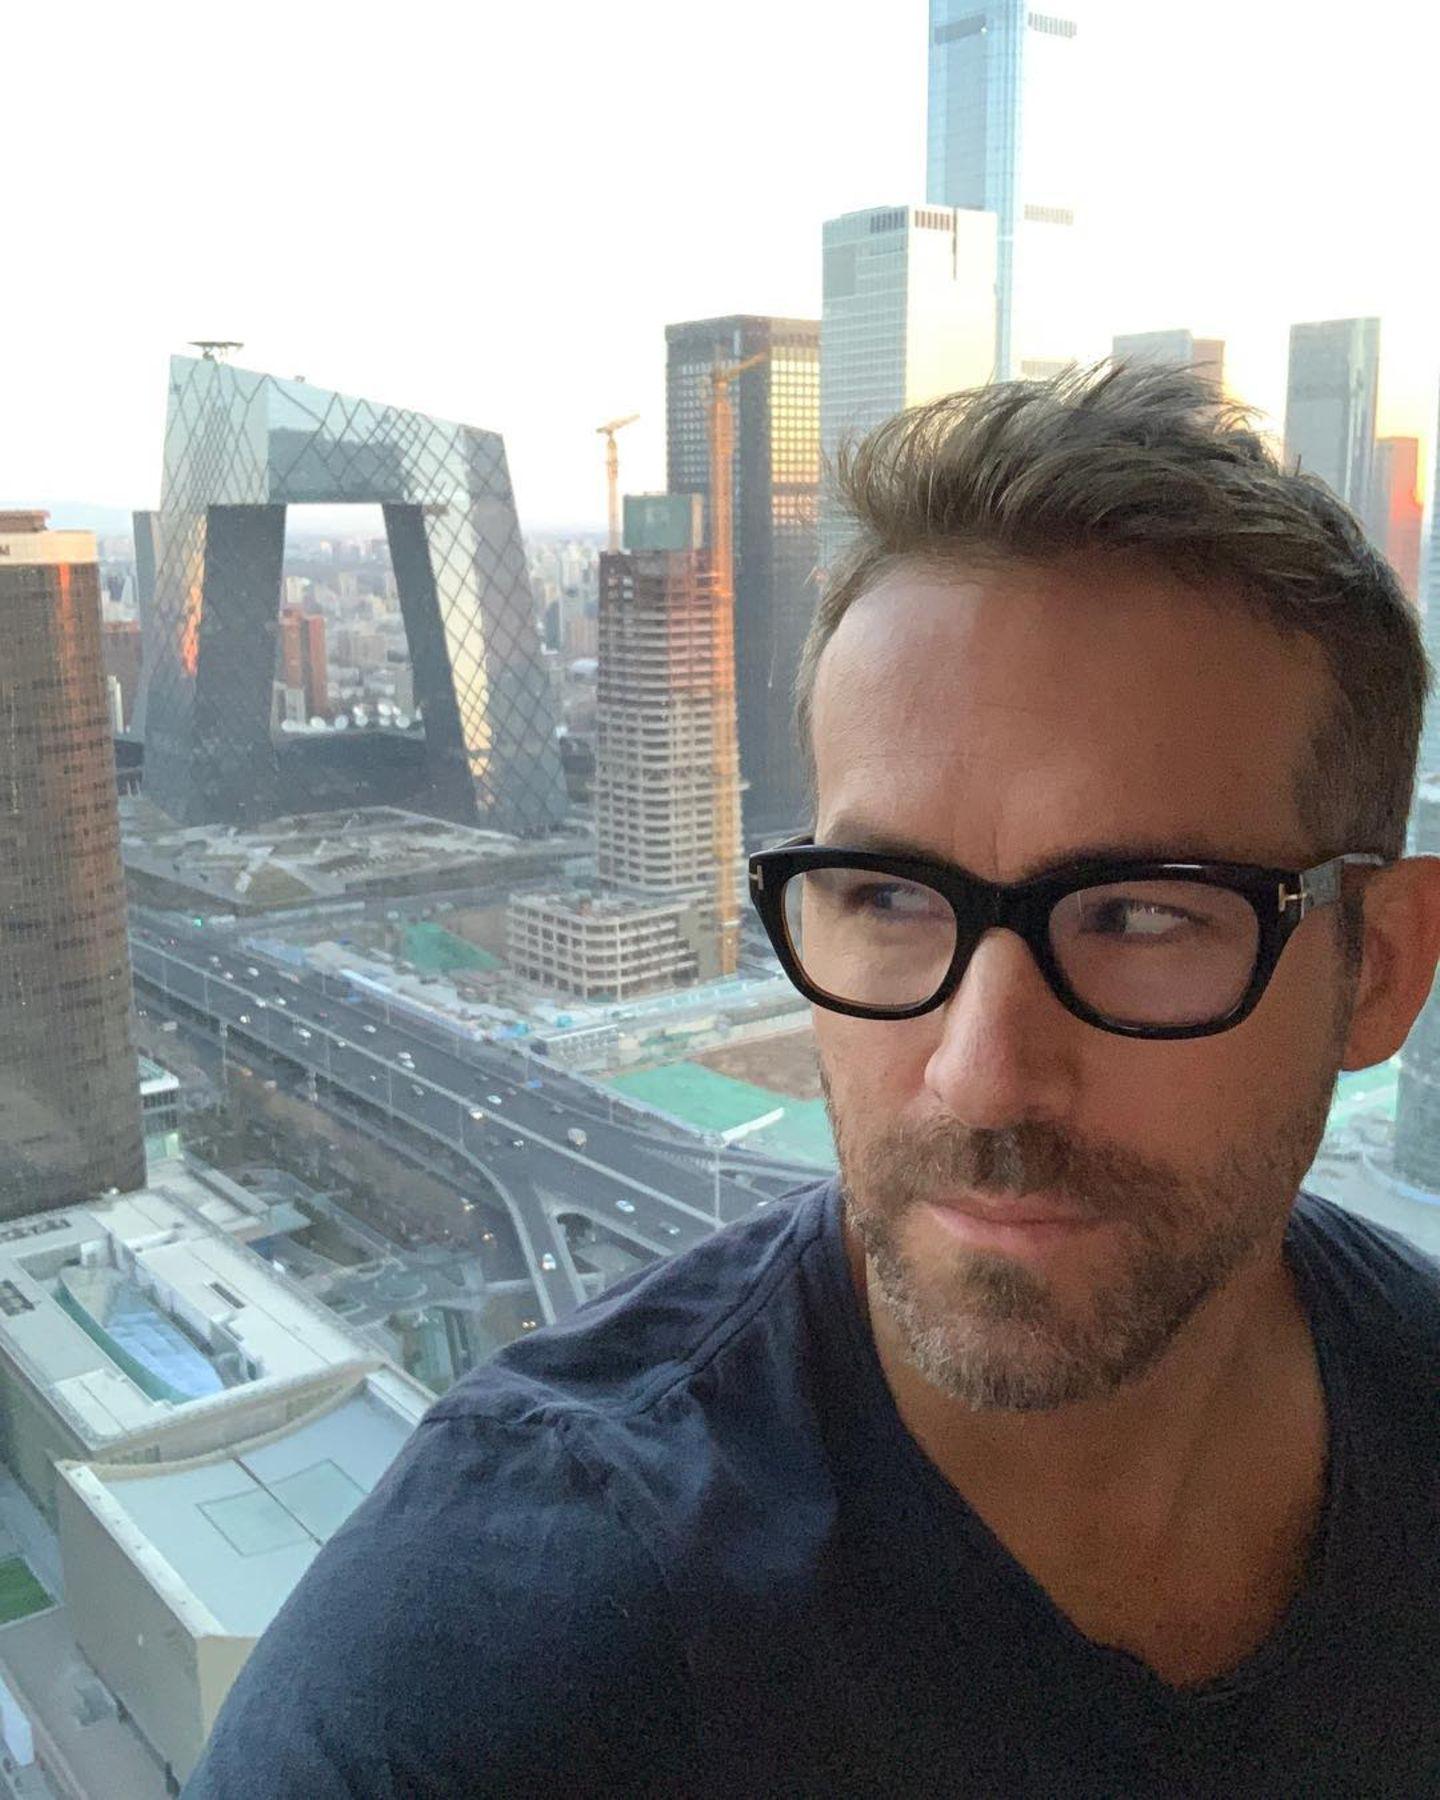 """20. Januar 2019   """"Habe ein Auge auf dich Unterhosen-Haus"""", postet Ryan Reynolds scherzend. Unterhosen-Haus? Wirklich? Dem Architekten des futuristischen Gebäudes im Hintergrund dürfte diese Bezeichnung ein Graus sein. Das Hochhaus befindet sich in der chinesischen StadtPeking, wo der Hollywoodstar seinen Kinohit""""Deadpool"""" promotet."""